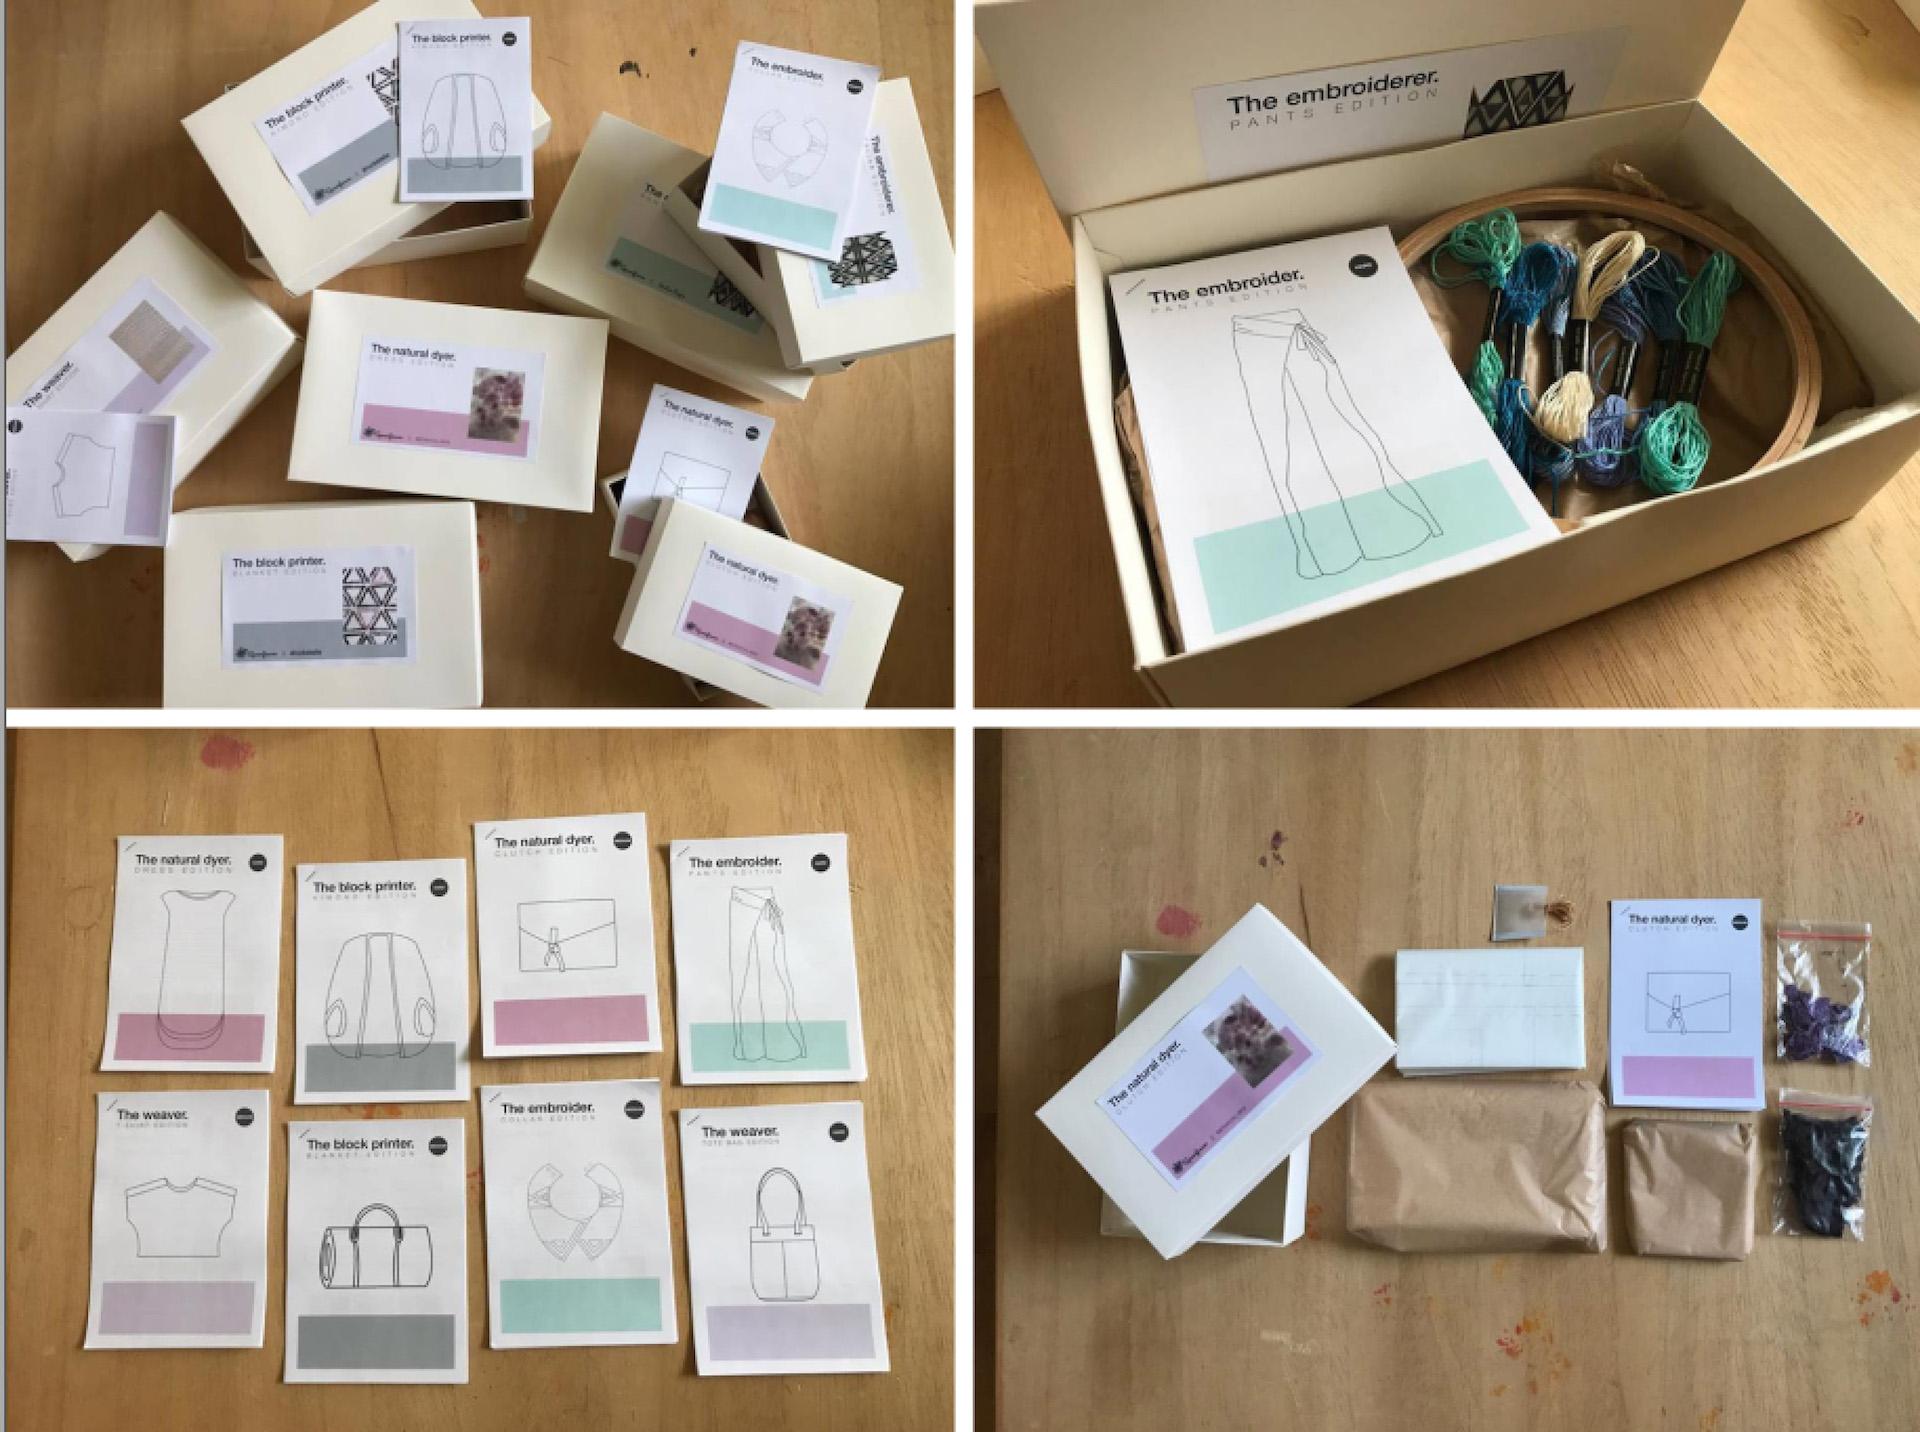 קופסאות ה-DIY שיצרנו לפריטים שעיצבנו, 2018. עיצוב: דניאל קלר אבירם